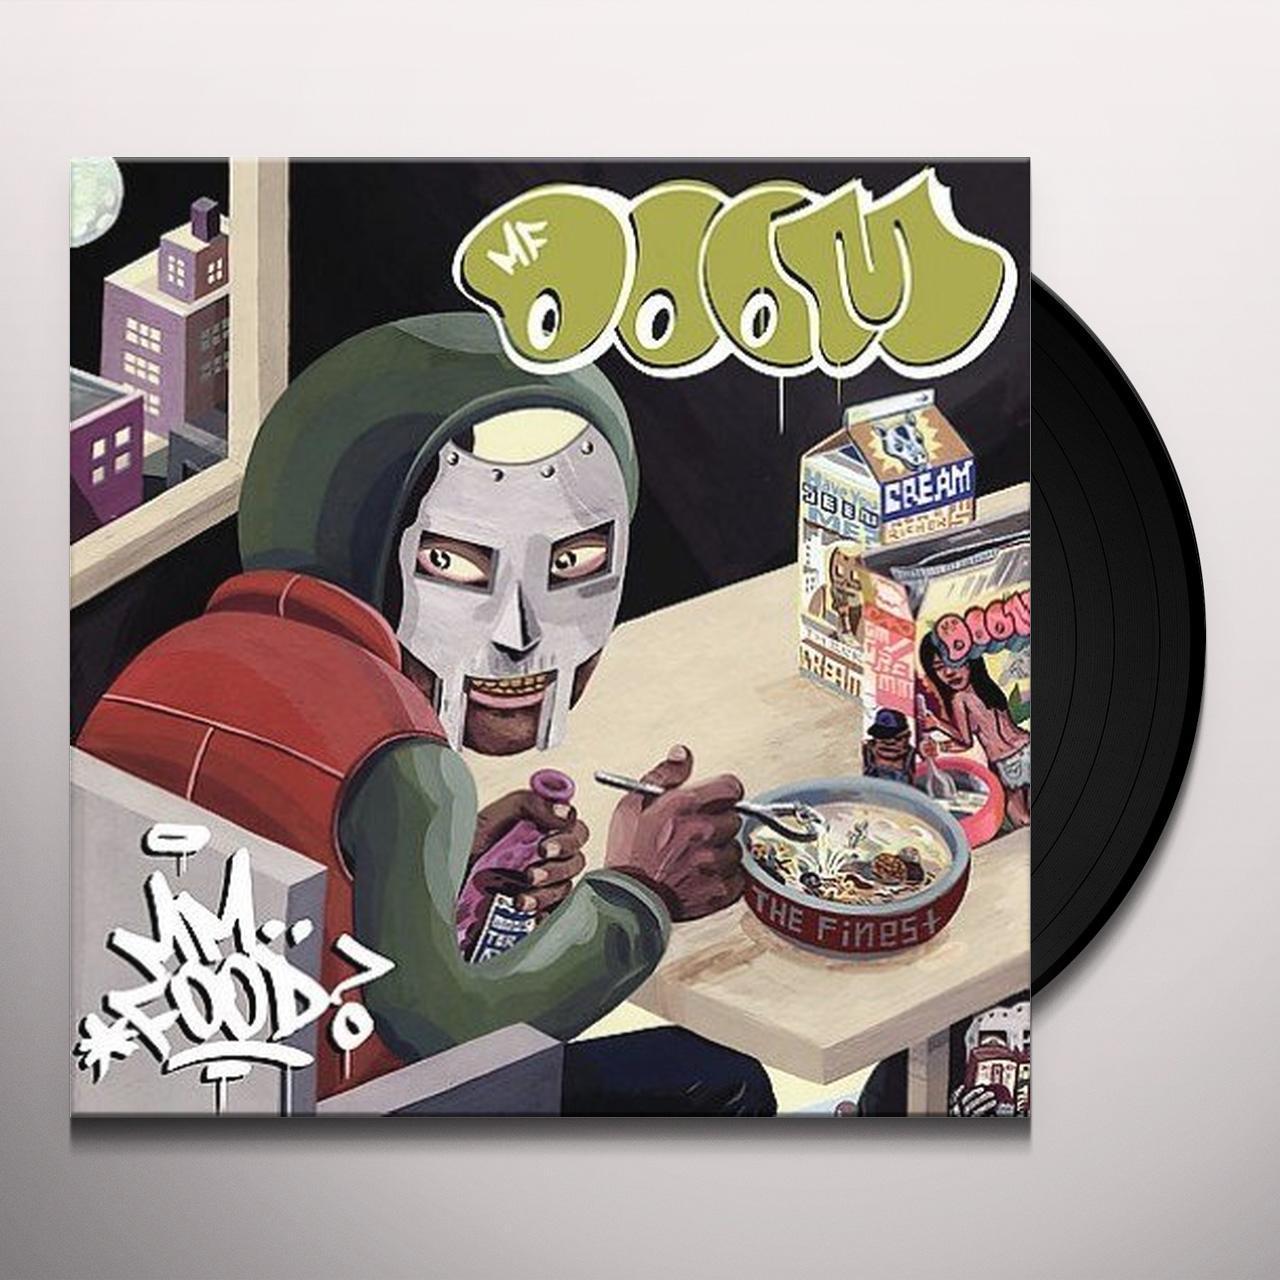 Mf Doom Mm Food Vinyl Record